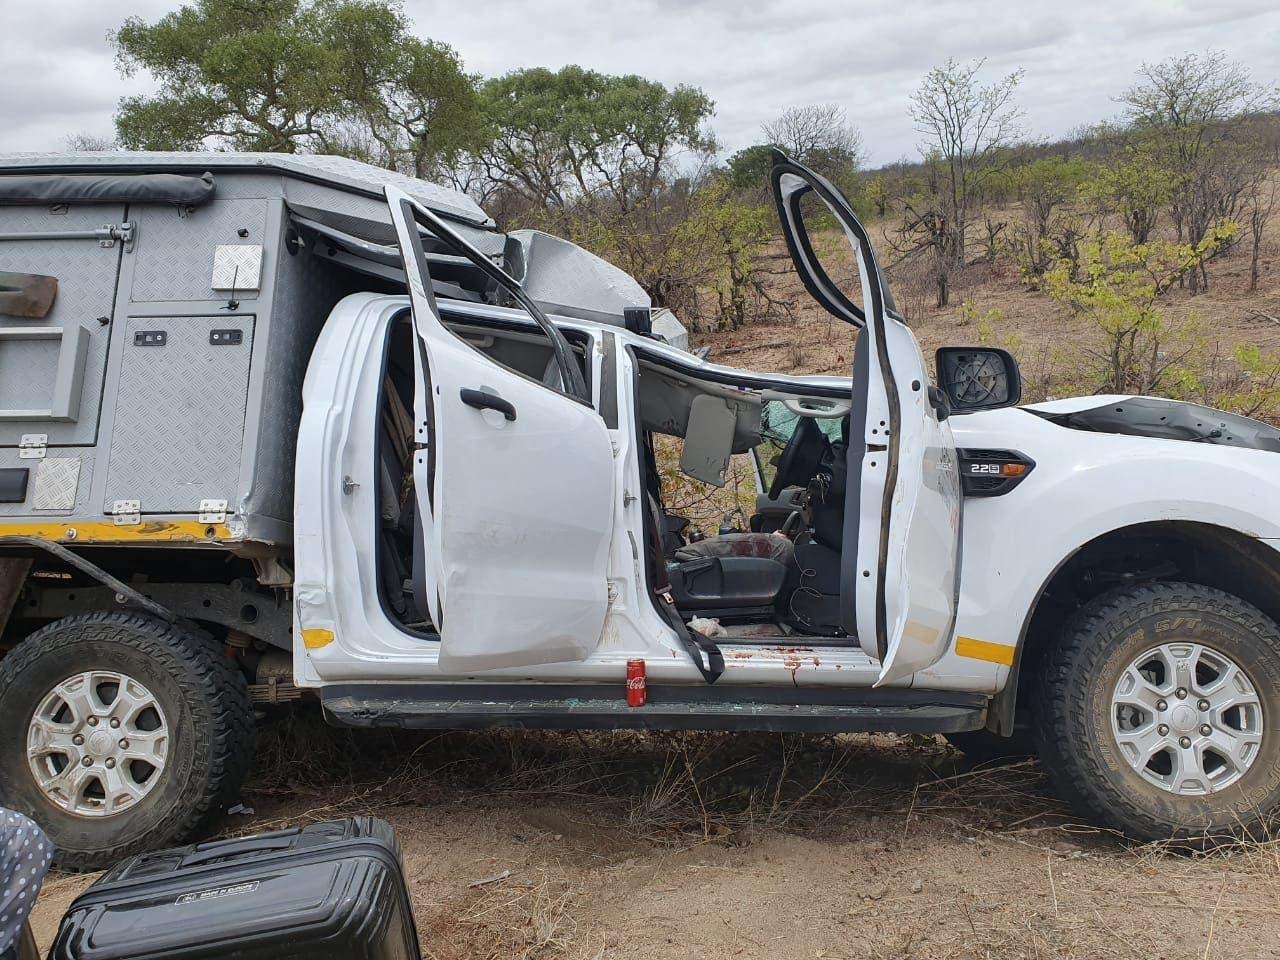 ...worauf das Tier auf einen Safari-Jeep stürzte.